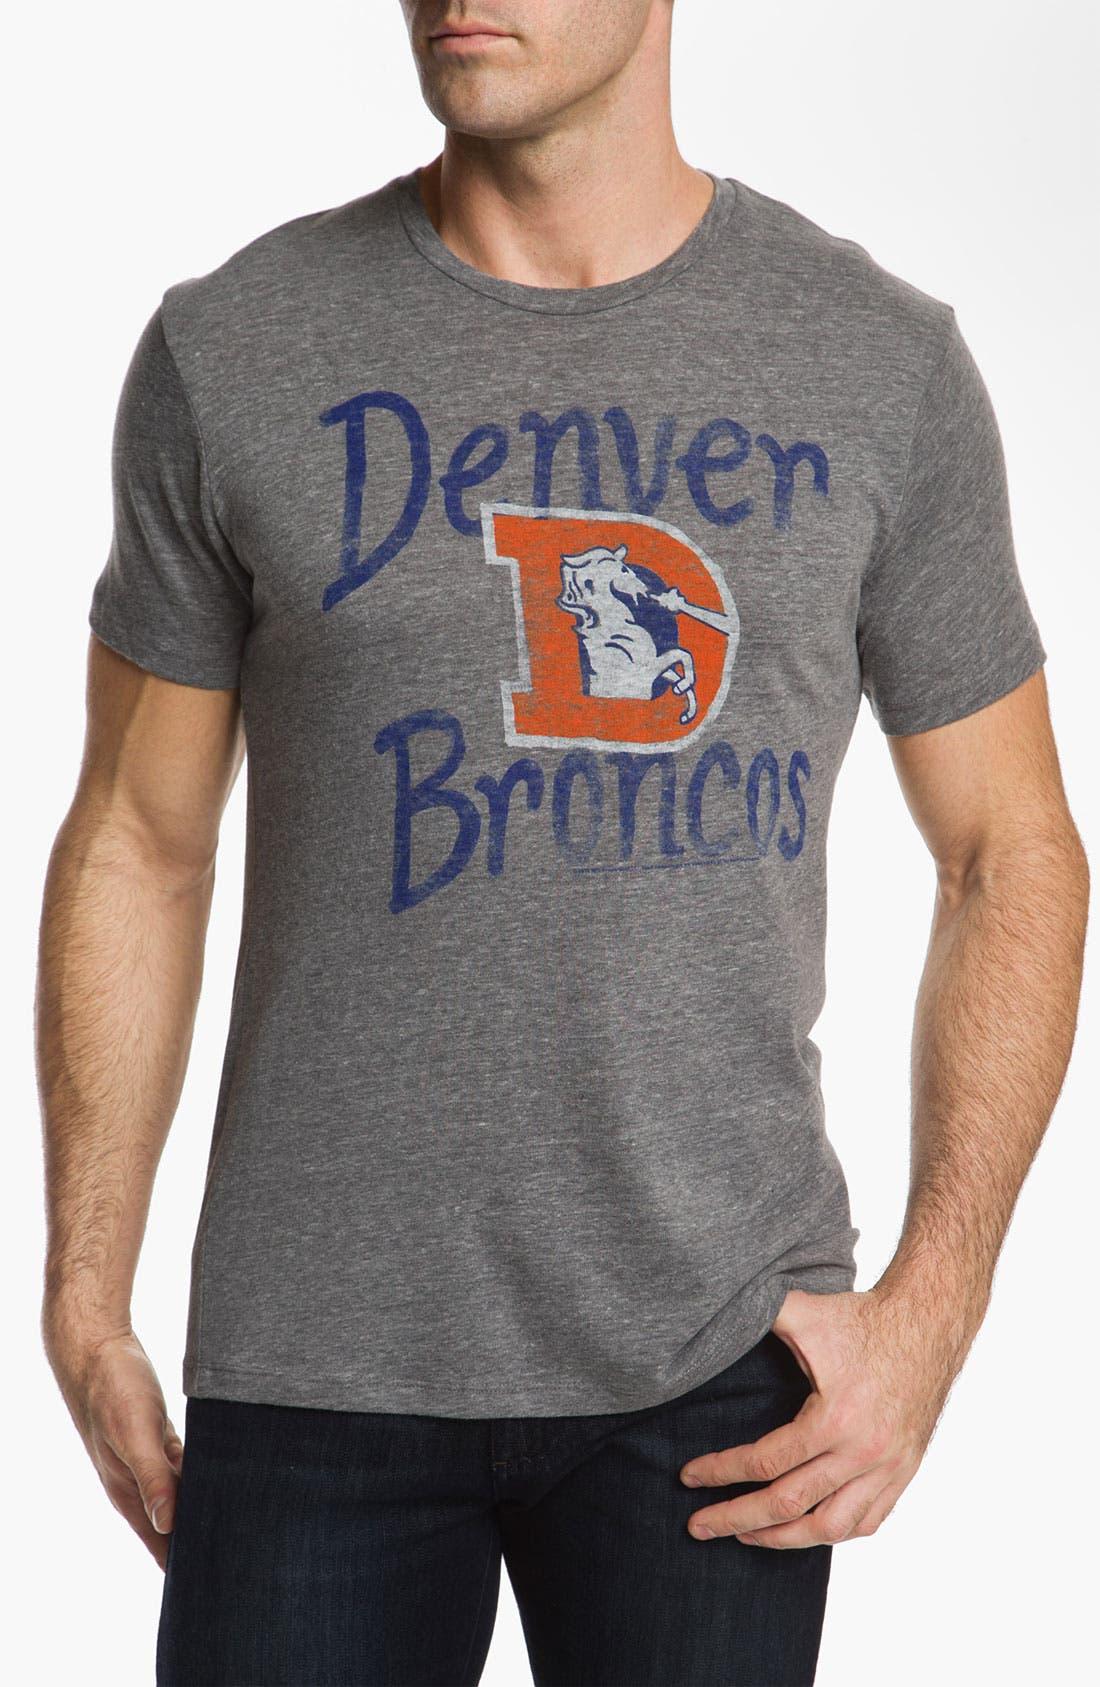 Main Image - Junk Food 'Denver Broncos' T-Shirt